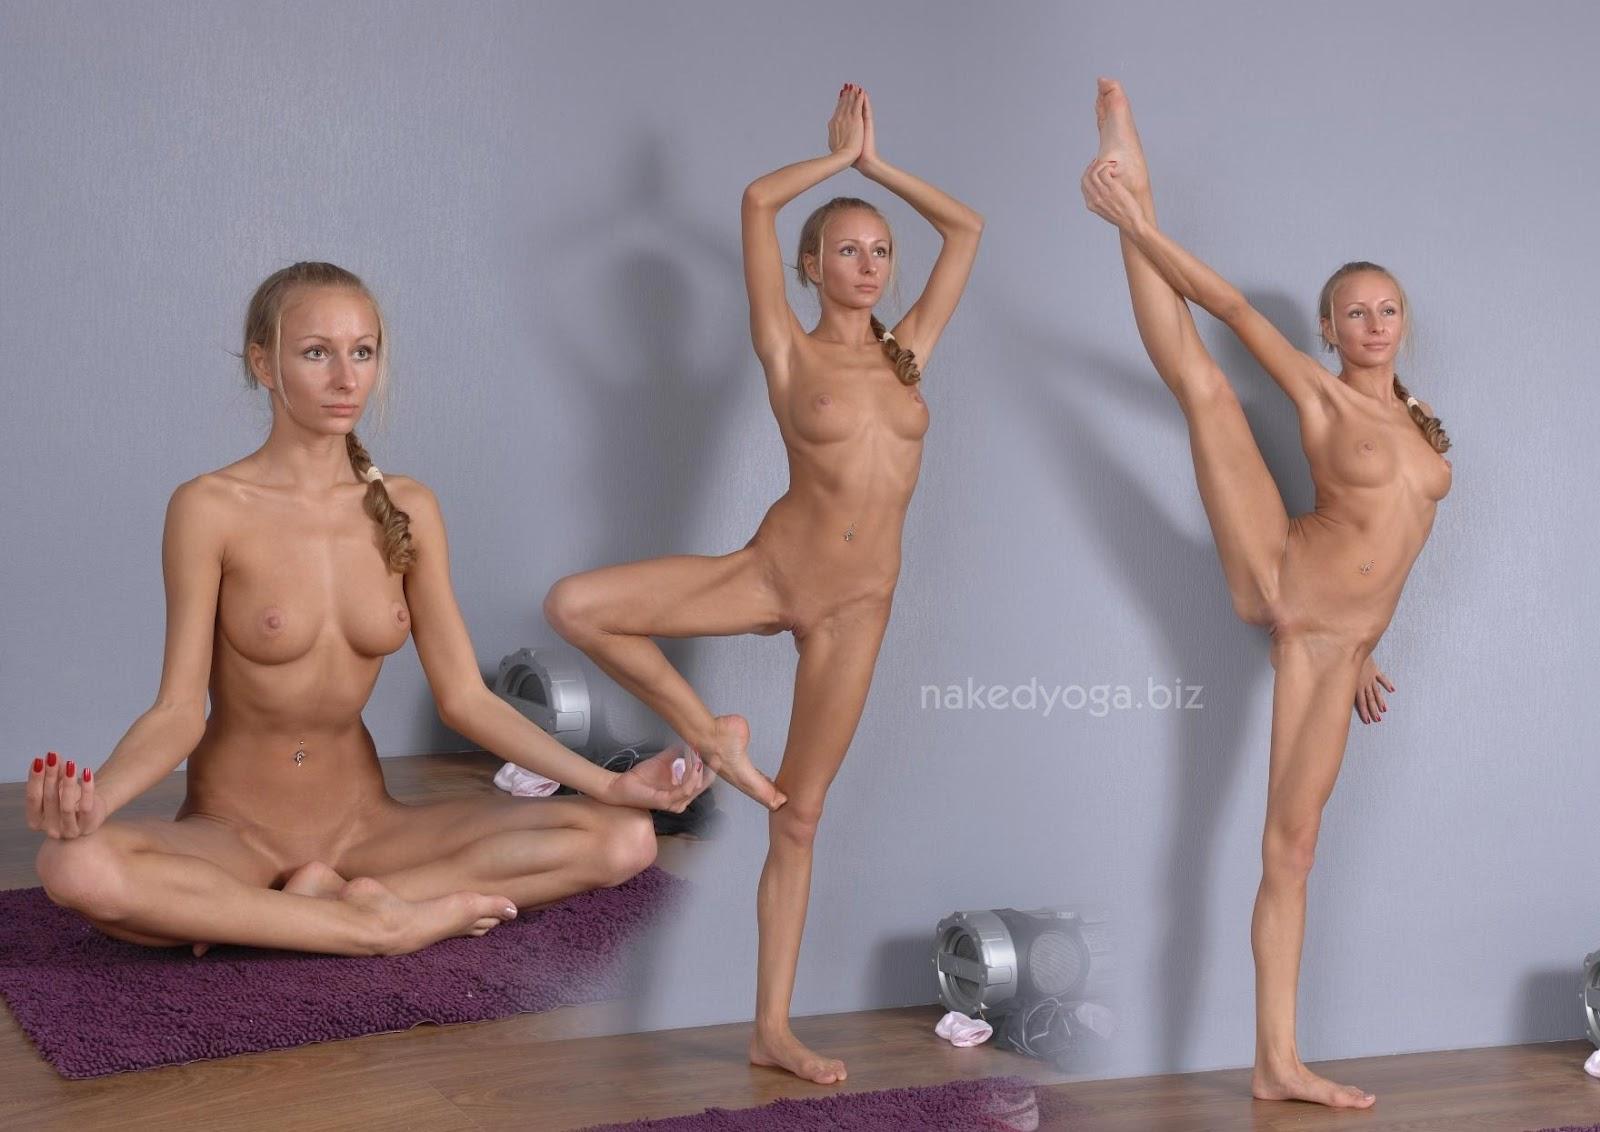 Hot Women Doing Yoga Naked